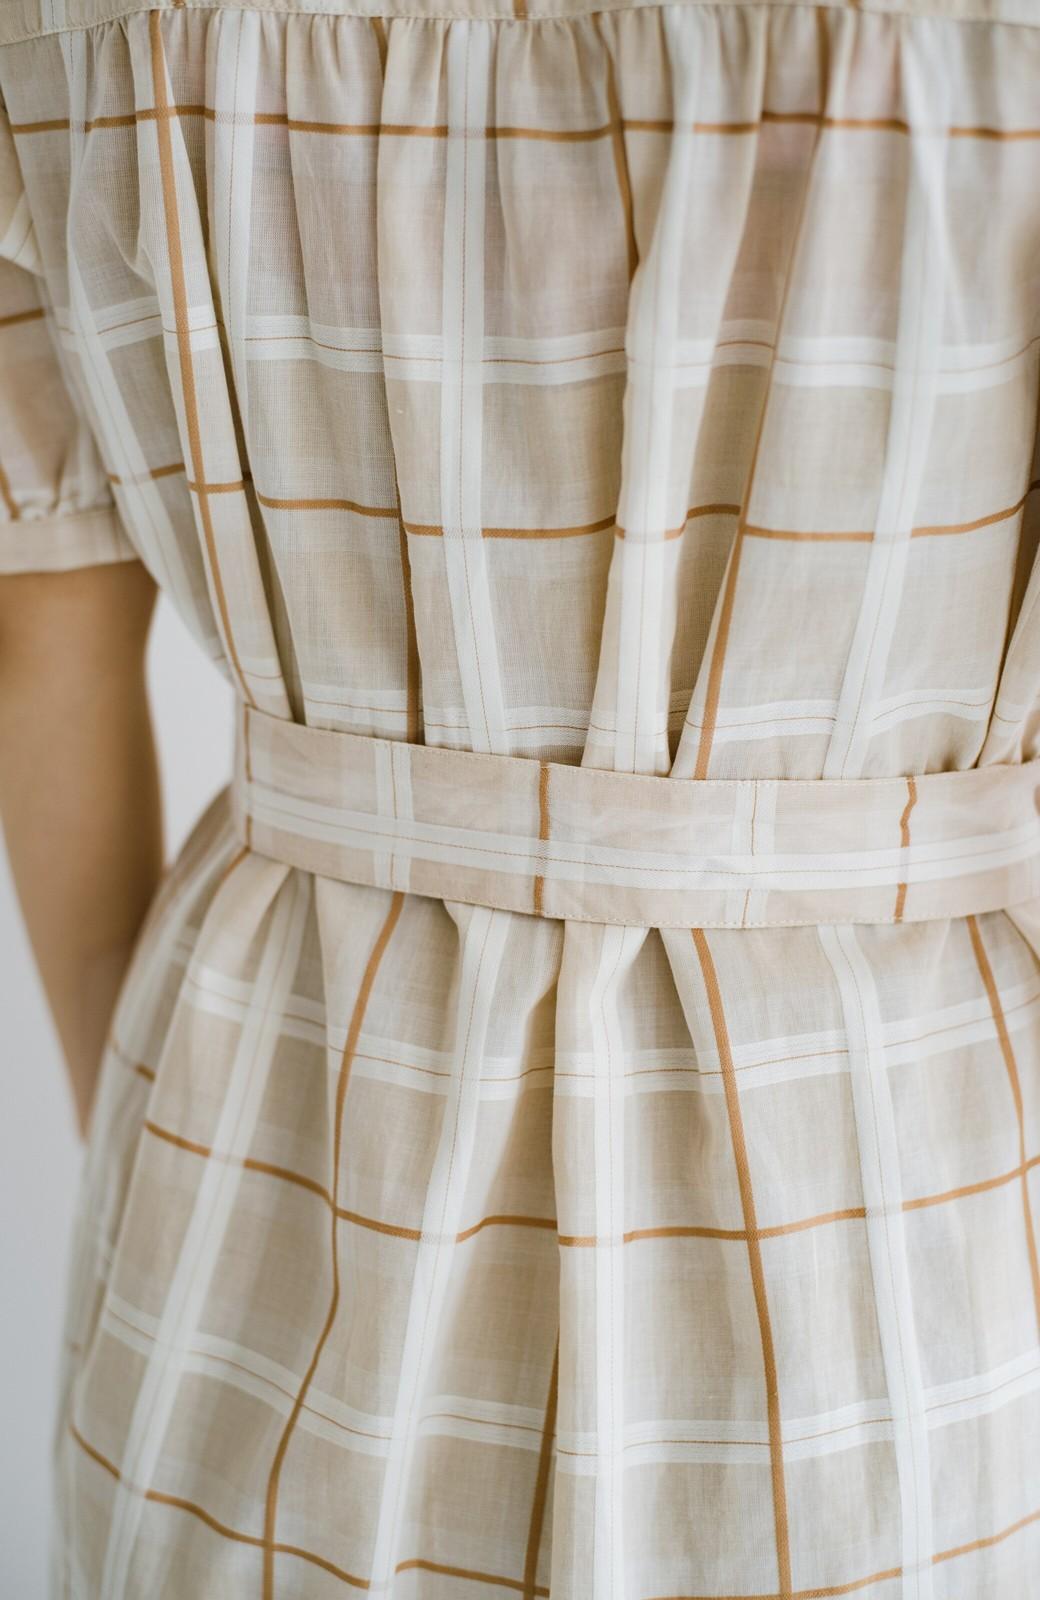 haco! 1枚でも羽織っても様になるベルト付きワンピースとインナーキャミワンピースセット <ライトベージュ>の商品写真25